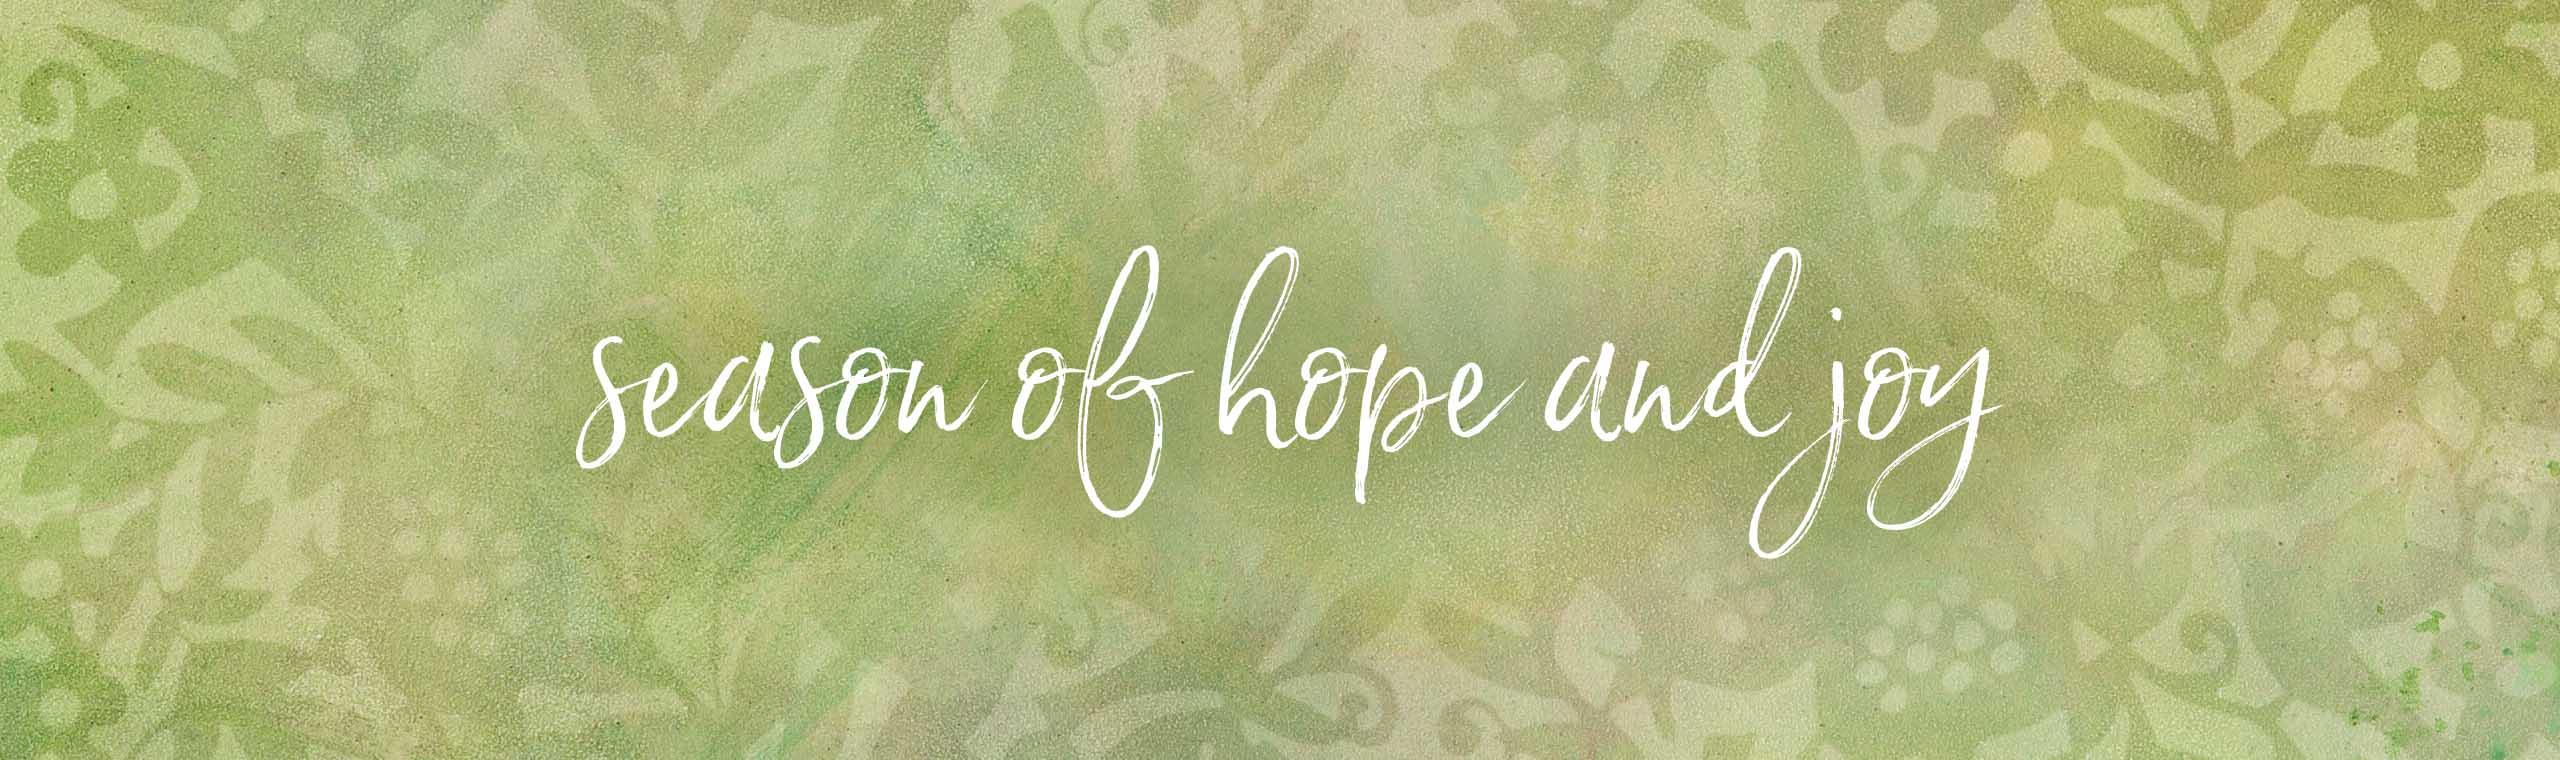 Season of Hope and Joy